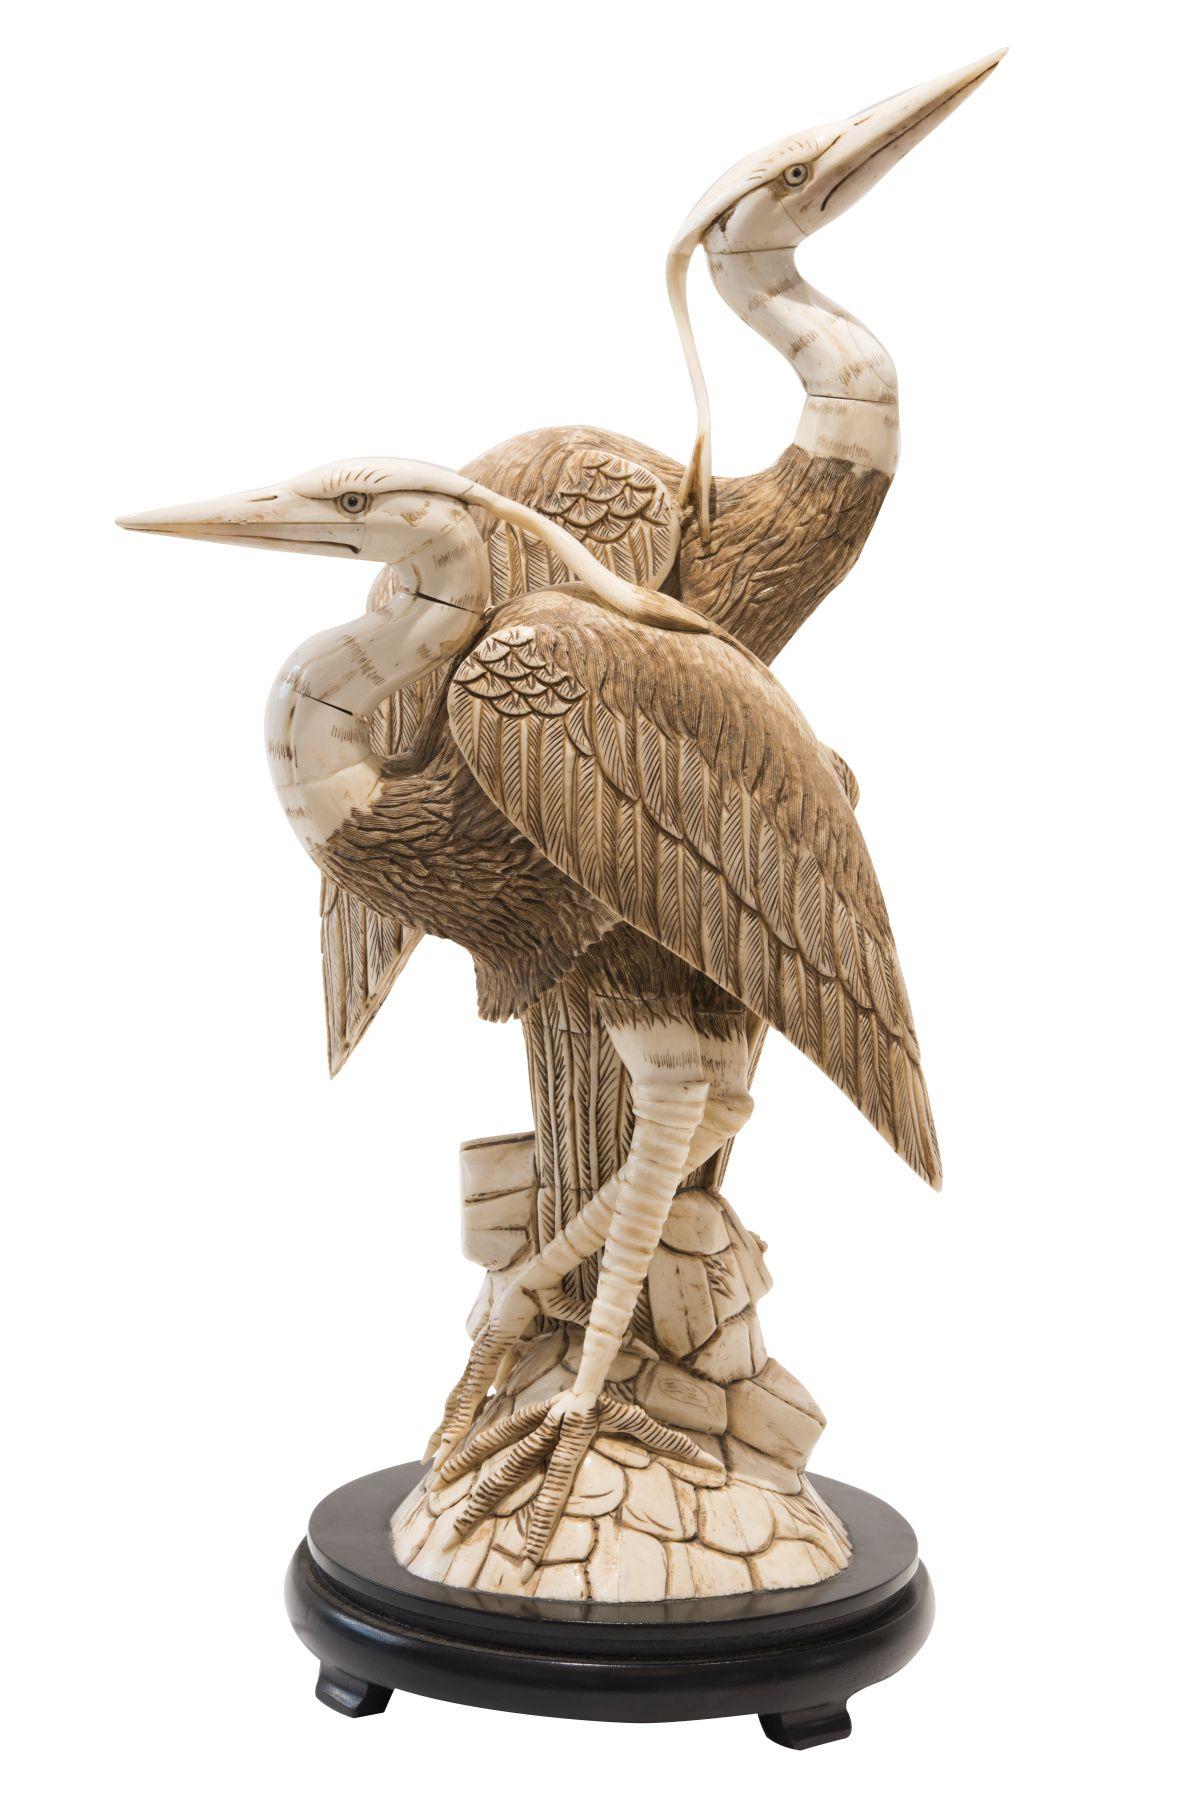 #80 Pair of ivory herons | Paar Fischreiher Elfenbein Image